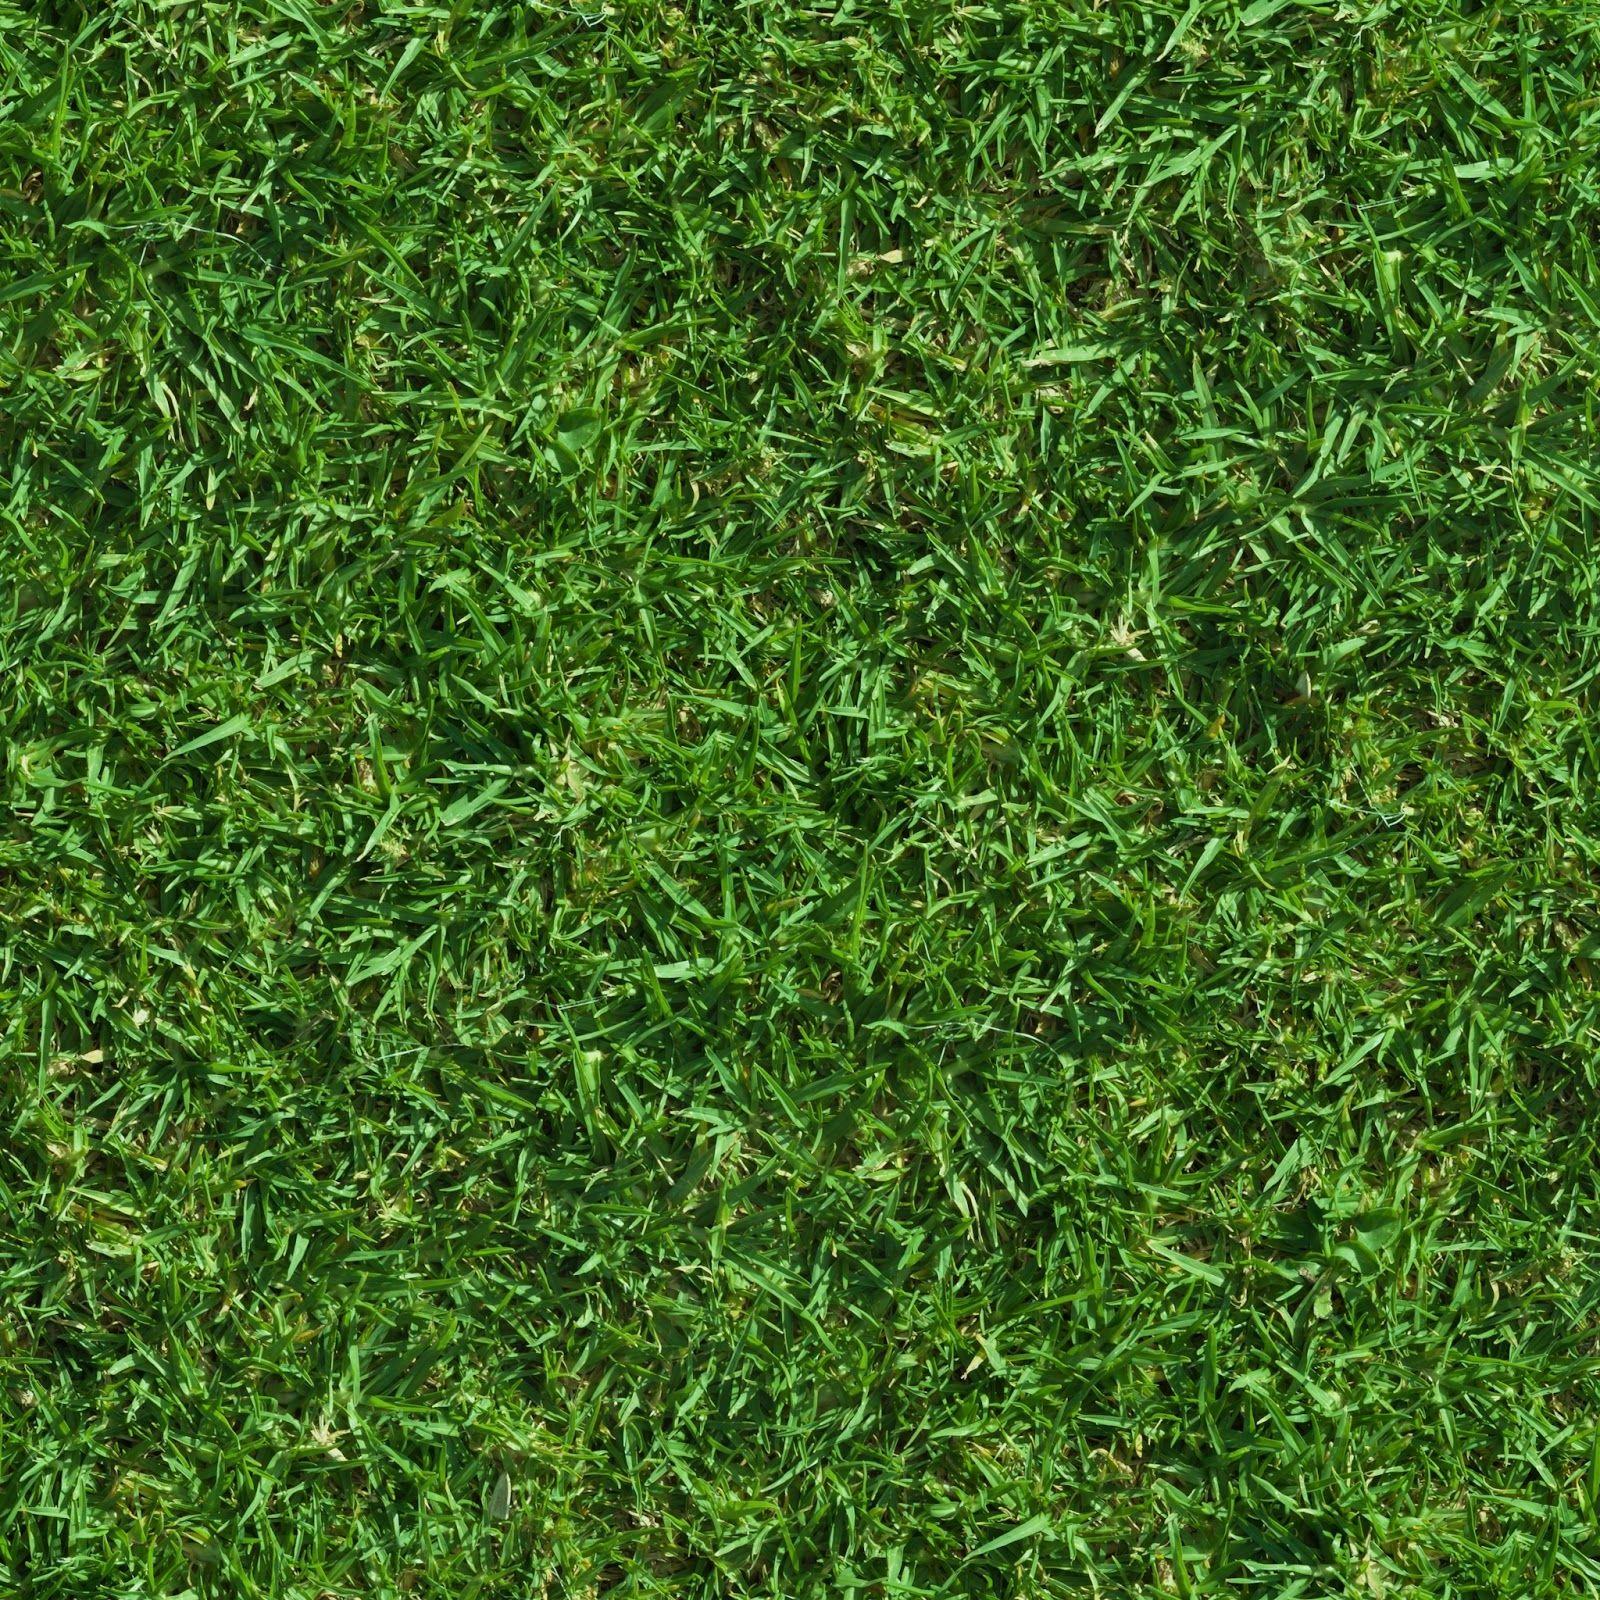 Textures nature elements vegetation dry grass dry grass - Grass Texture 5 Jpg 1600 1600